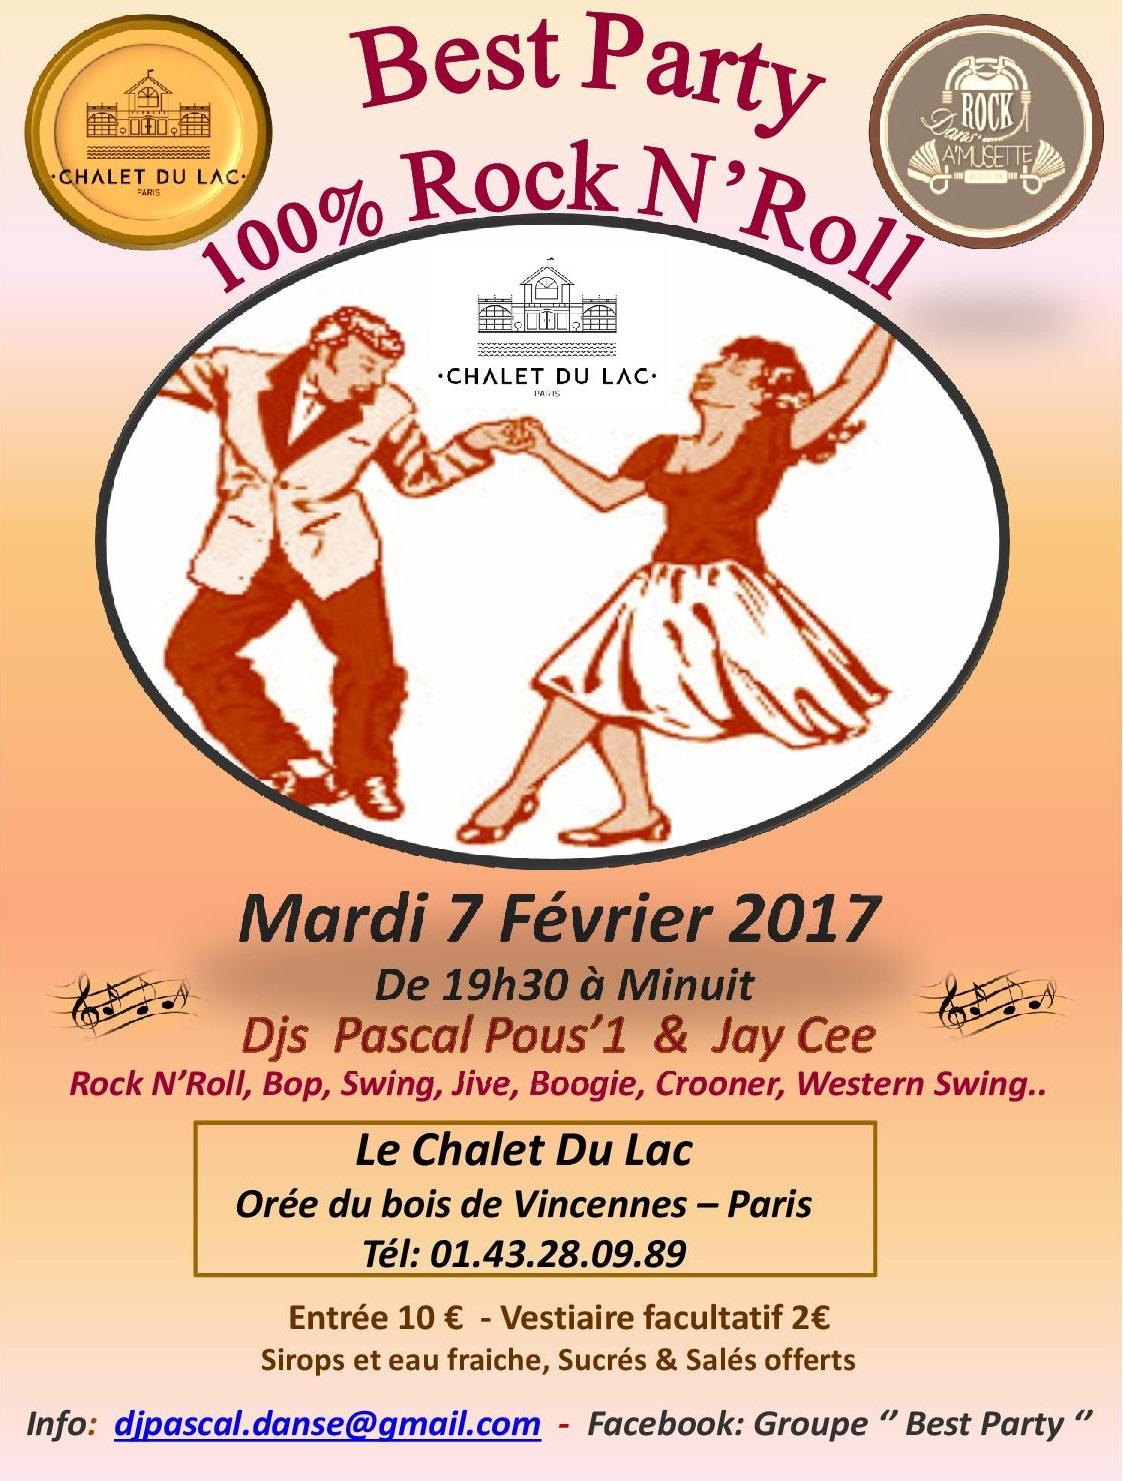 J-7 Avant la '' Best Party '' 100% Rock N'Roll au Chalet